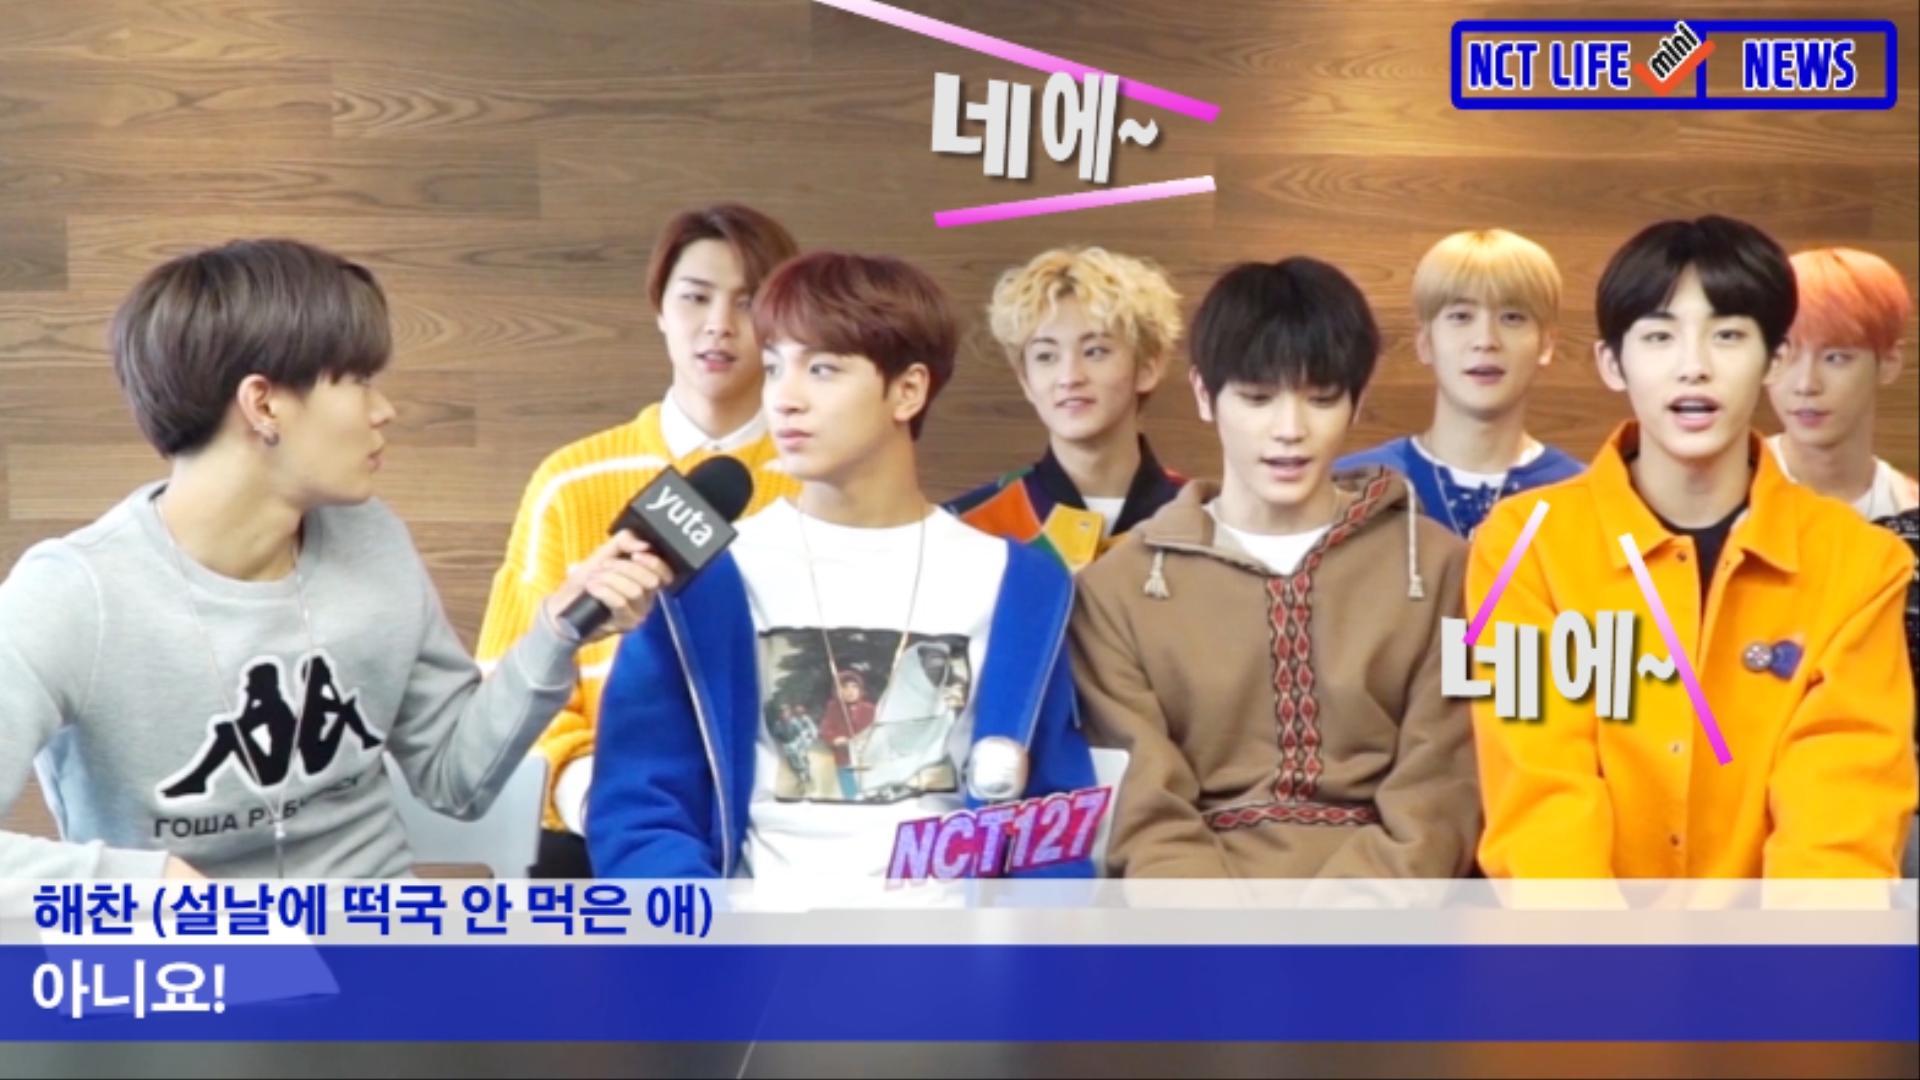 [NCT LIFE MINI] NCT NEWS EP.04